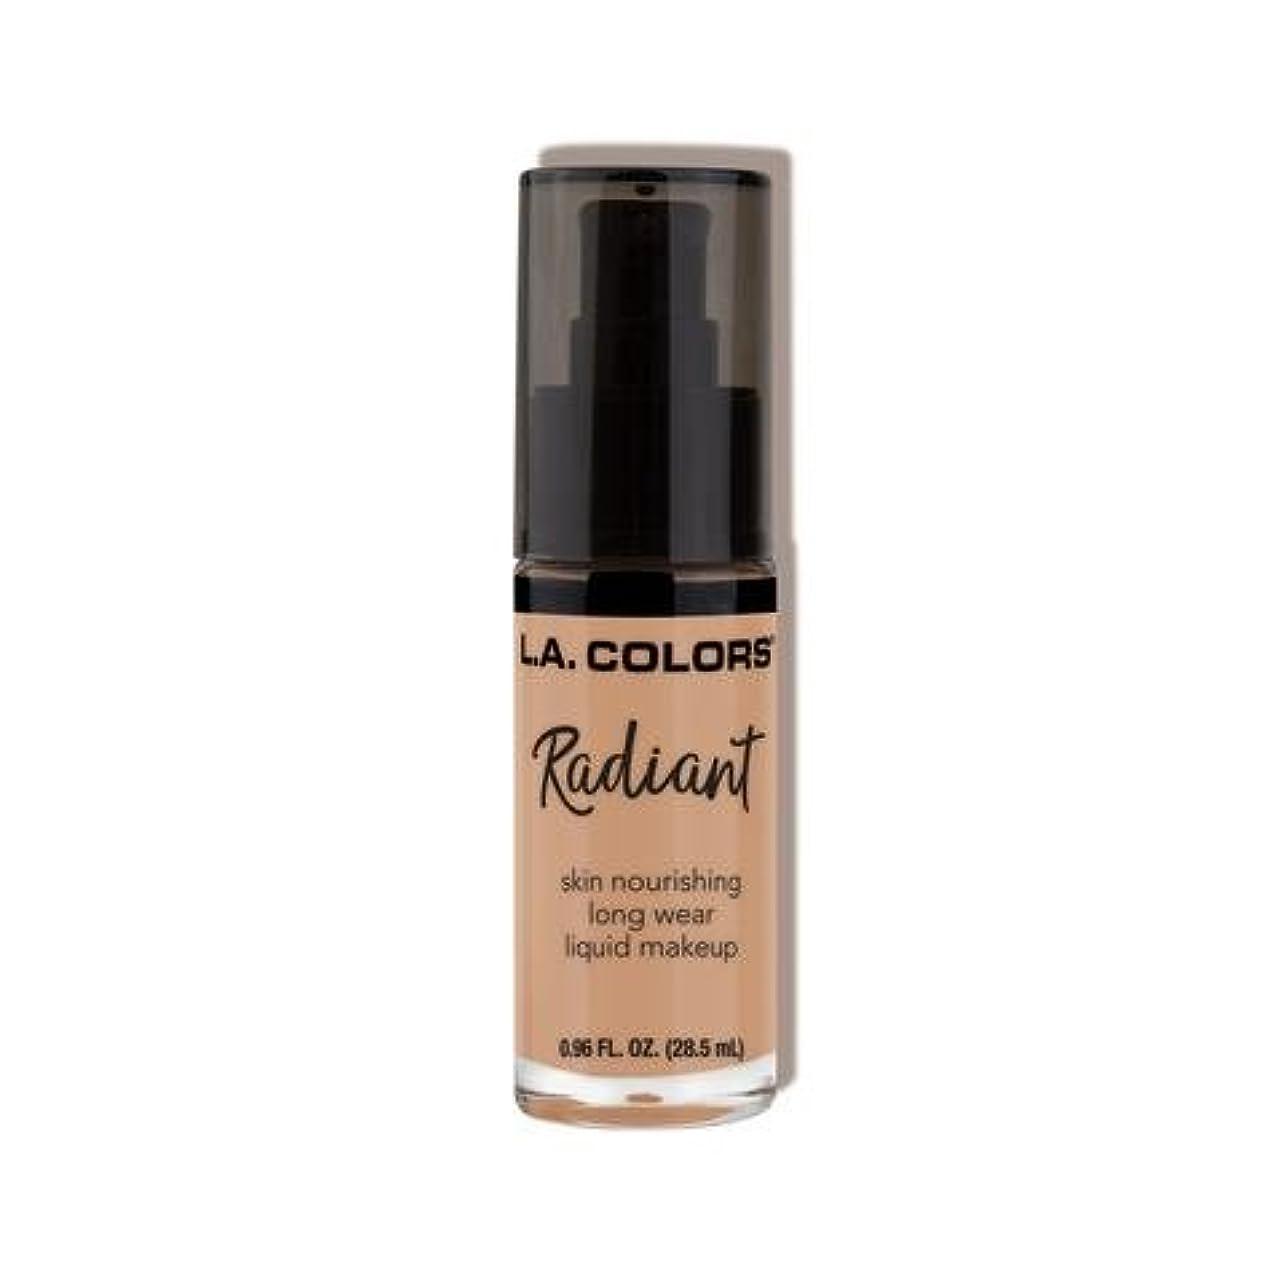 爬虫類エキス偽善者(3 Pack) L.A. COLORS Radiant Liquid Makeup - Fair (並行輸入品)